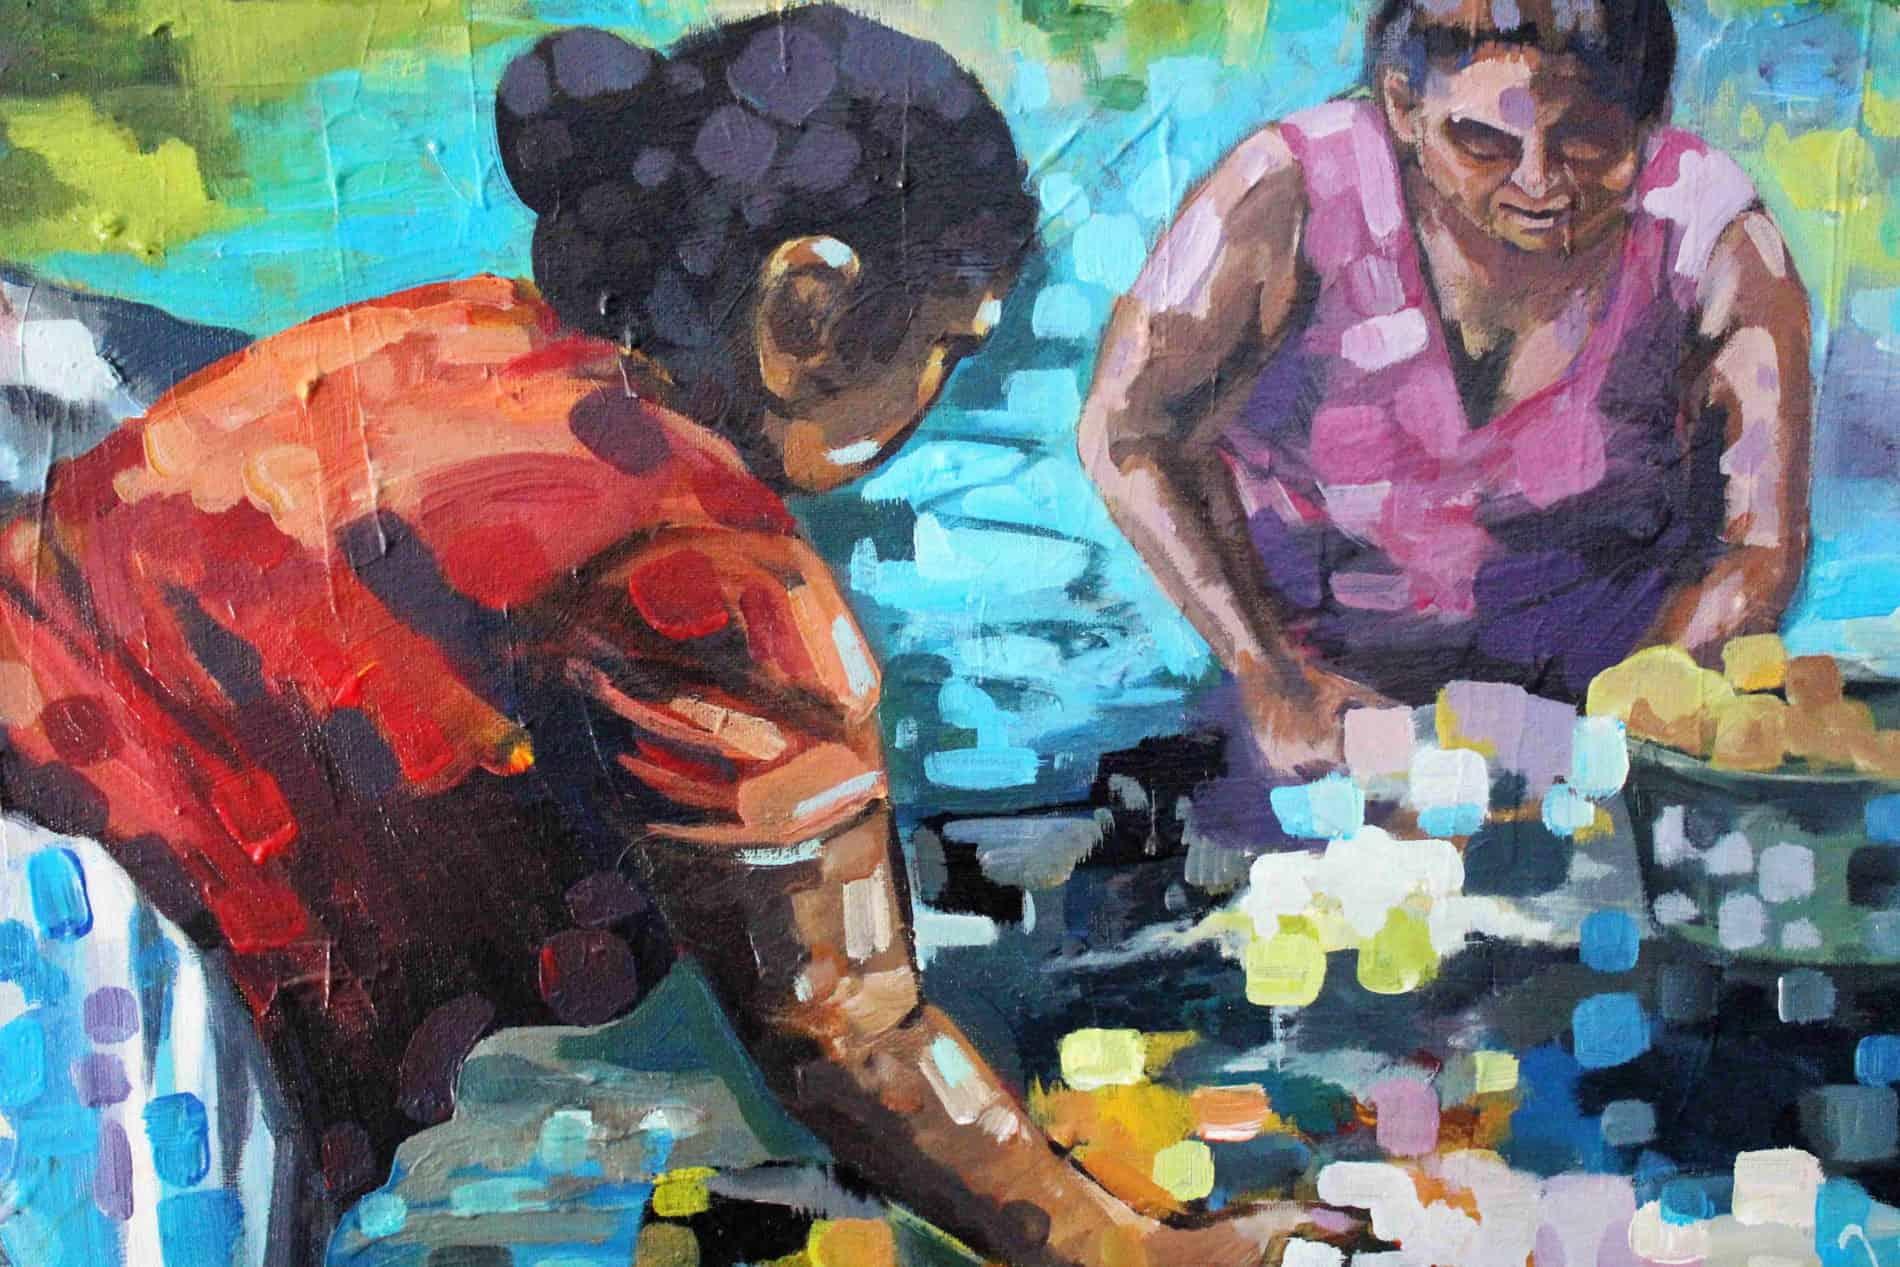 mauritius_arts_veronique_christine_laurent-les-lavandières-close-up